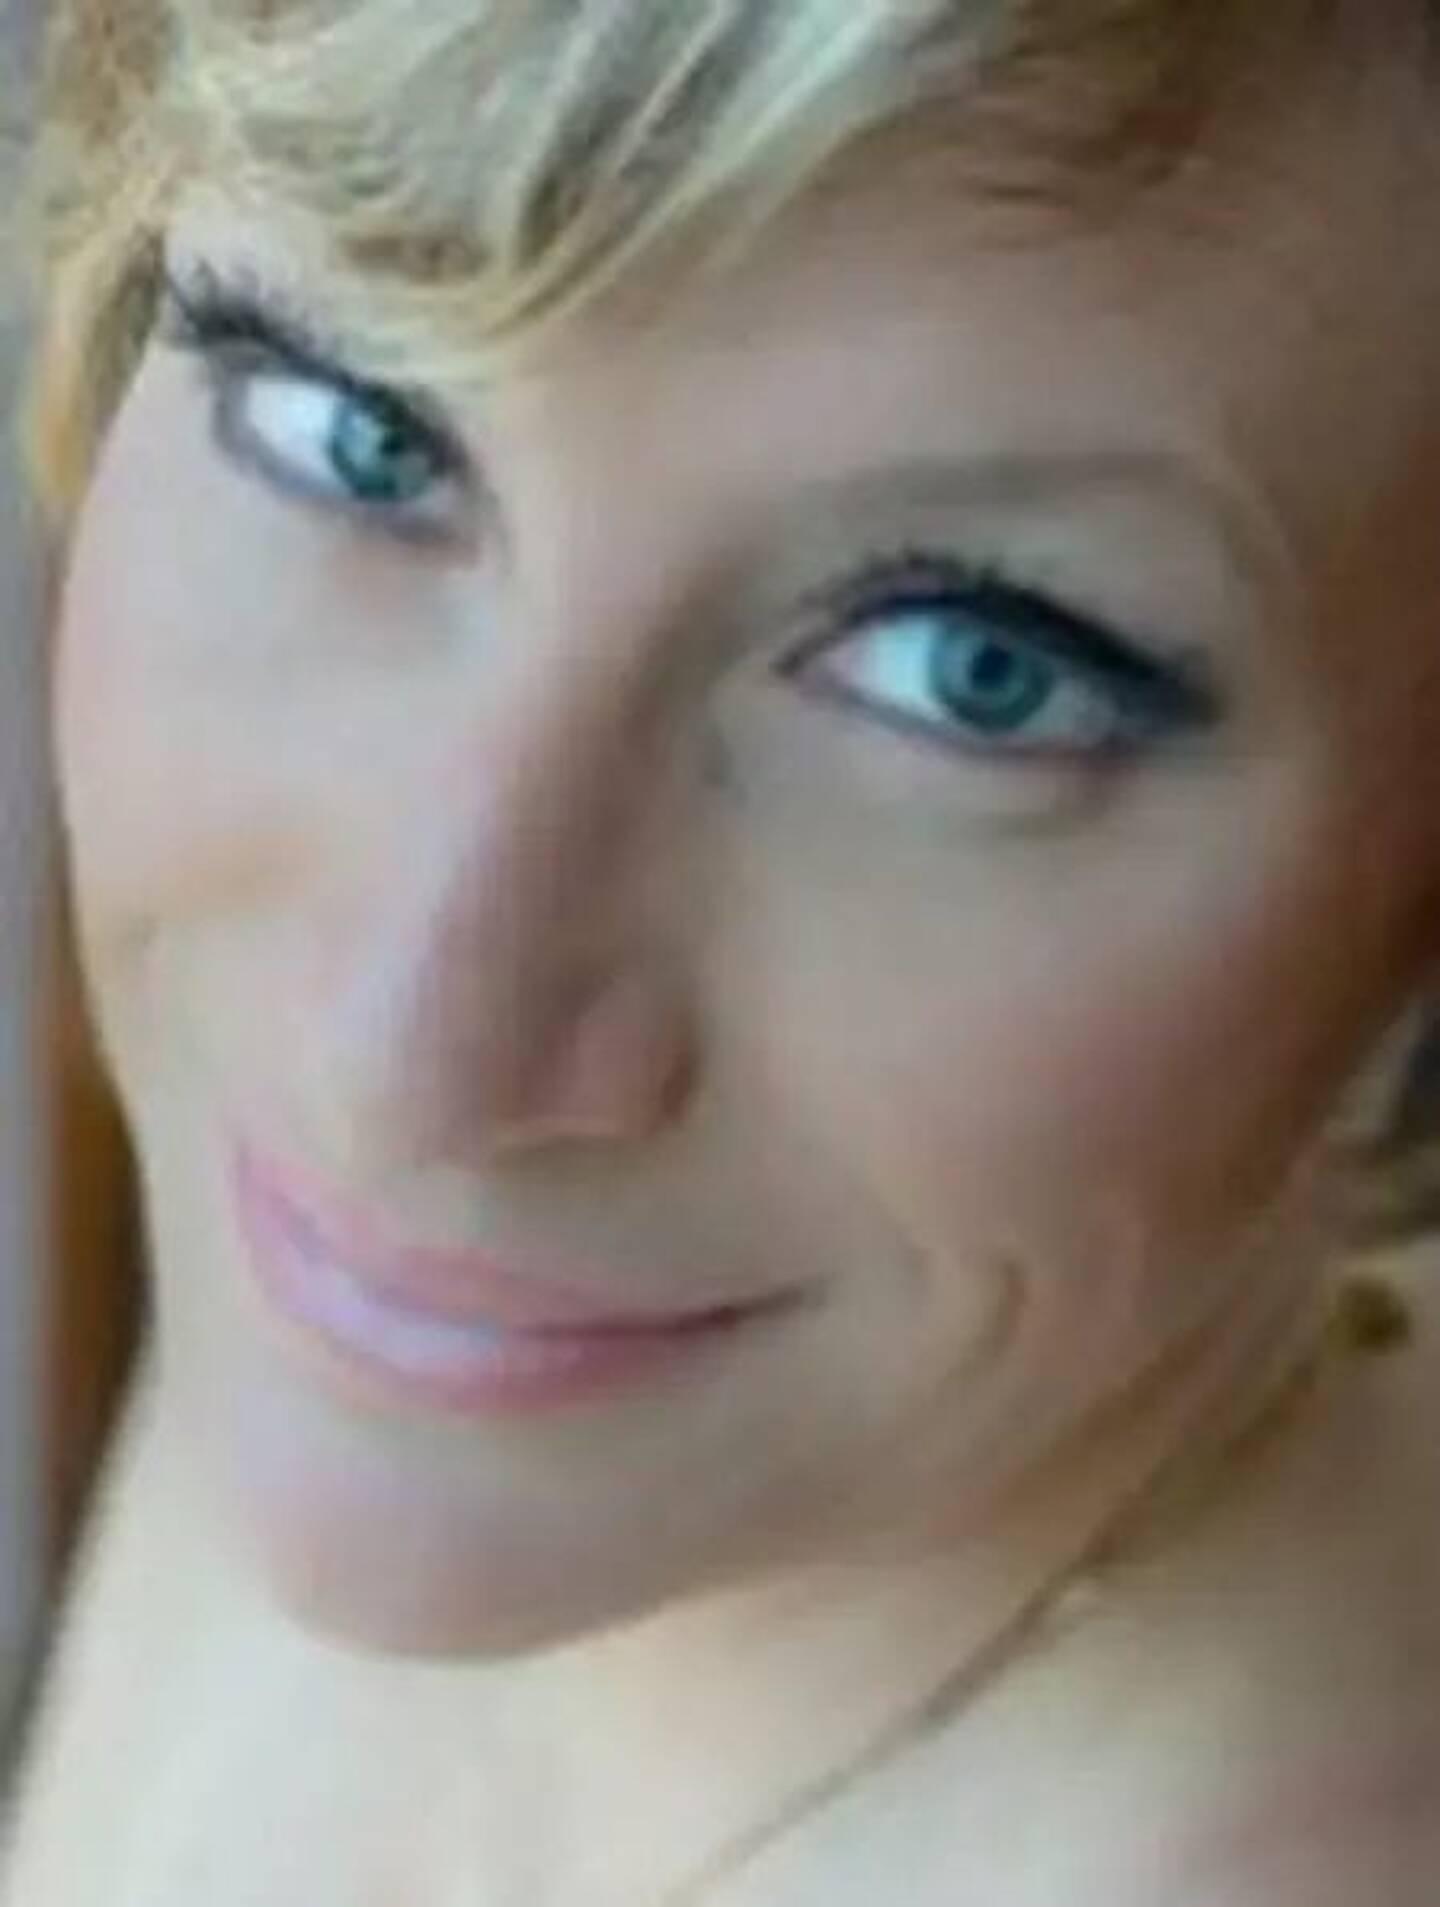 Spécialiste de l'écoute des victimes, œuvrant au sein de l'Aaviv (association d'aide aux victimes d'infraction du Var), Marjorie Sueur décrypte les rouages de la violence psychologique.